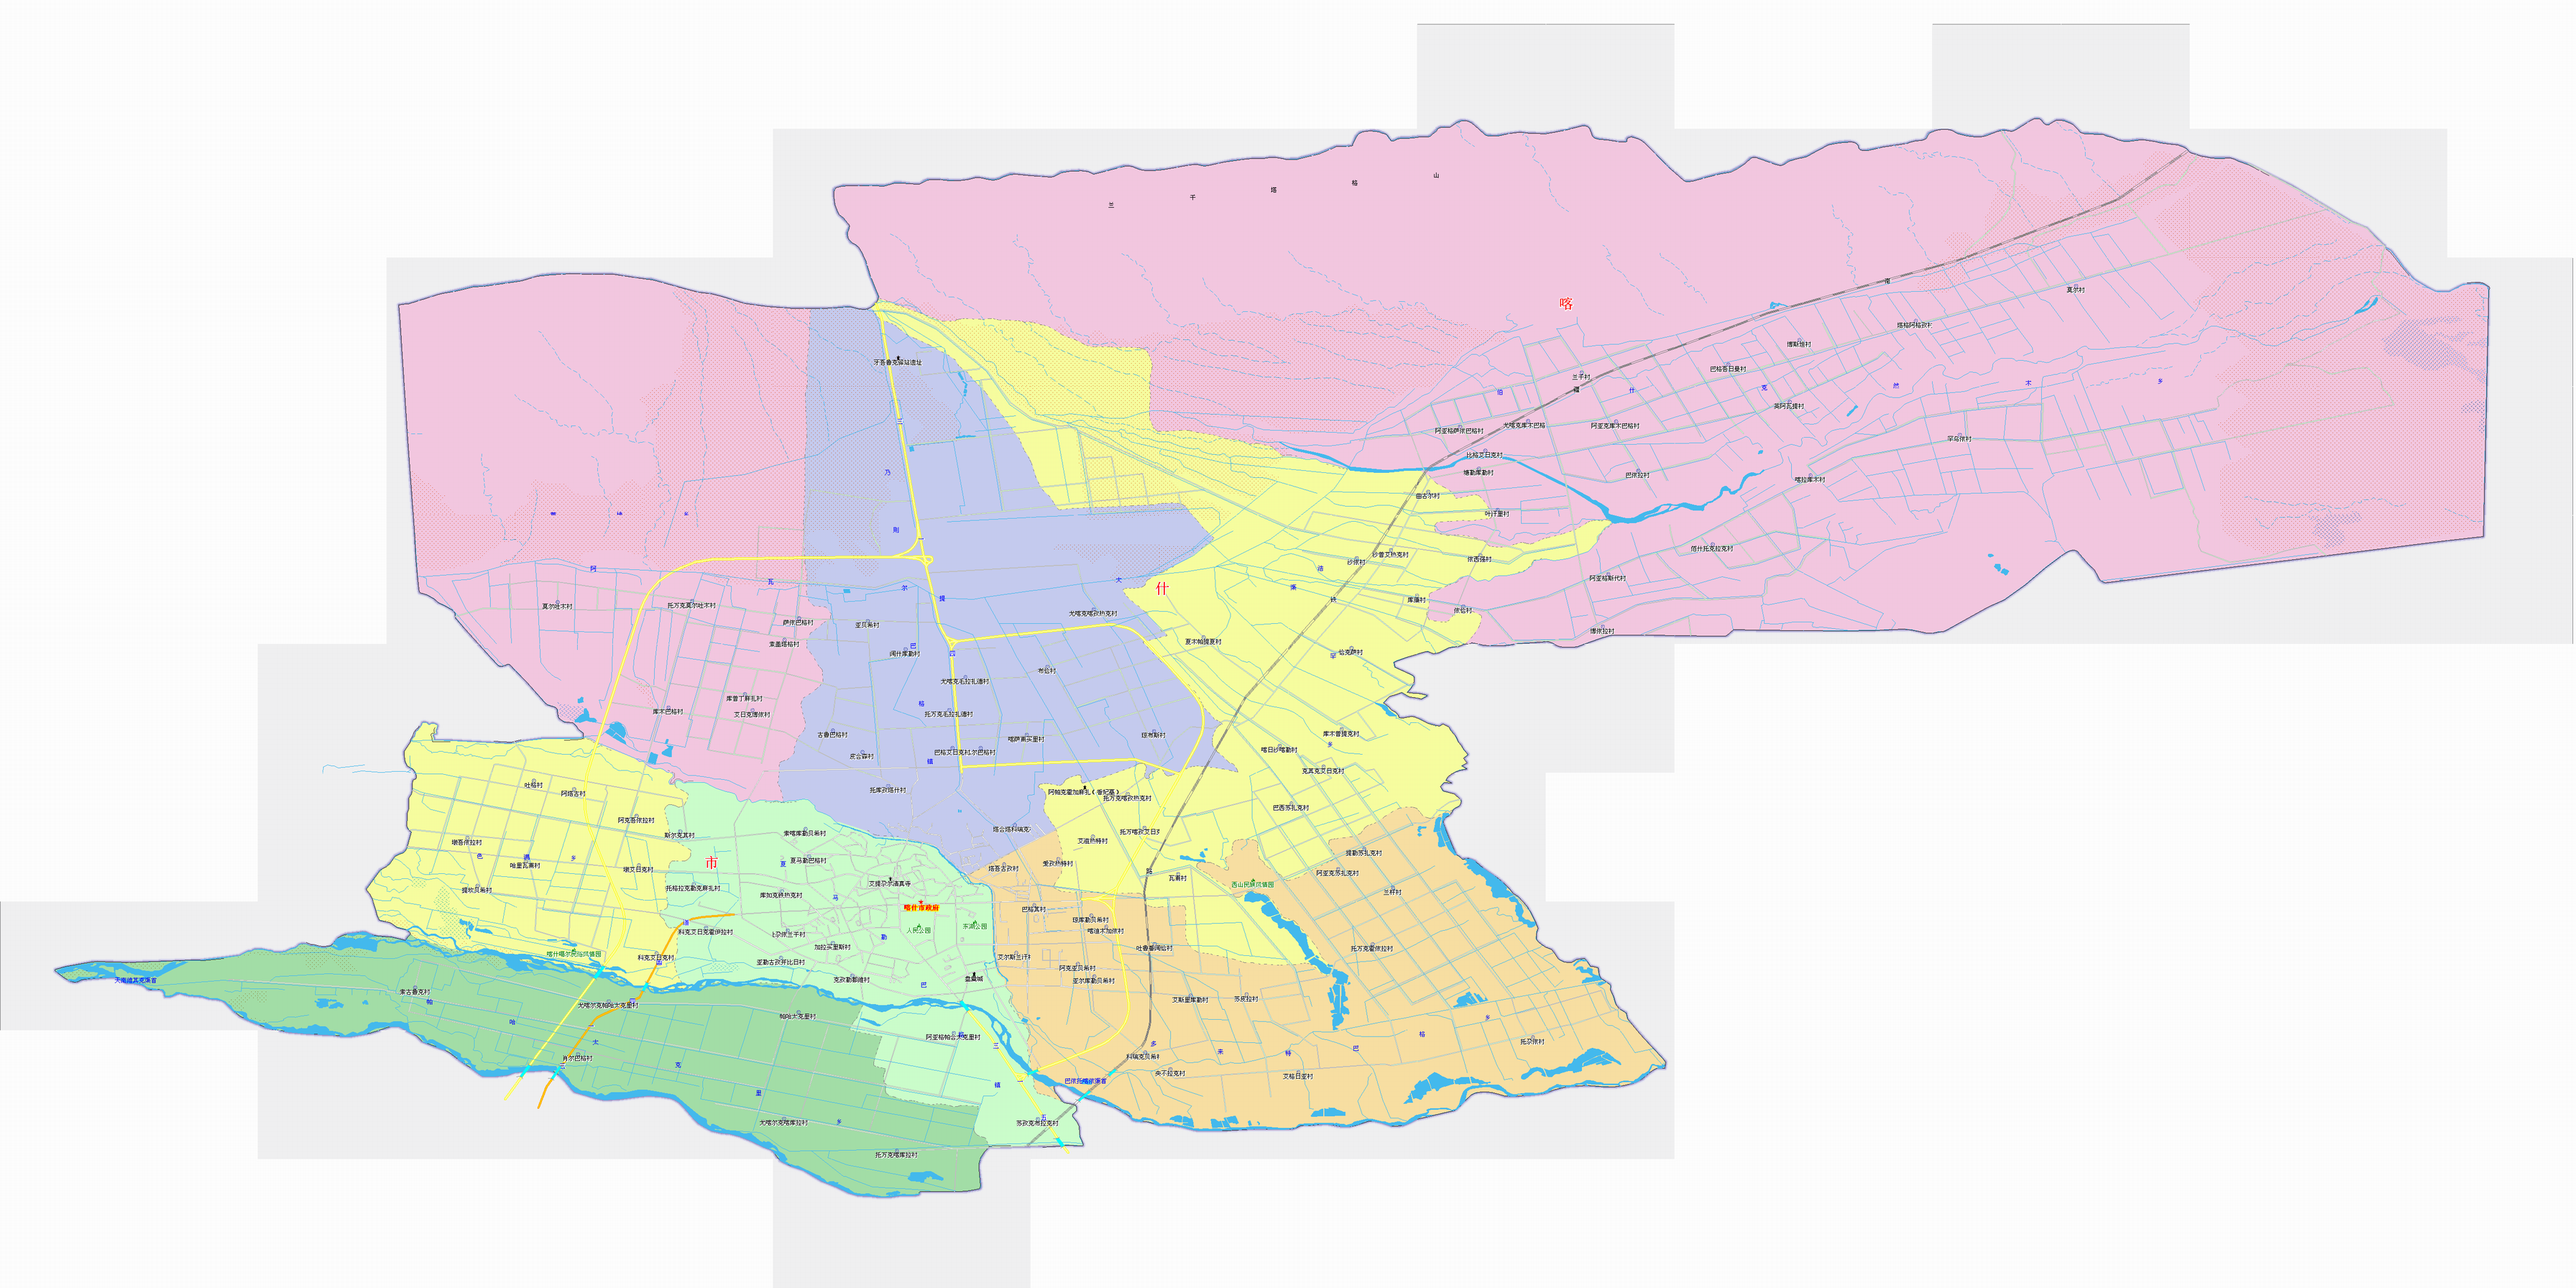 图解喀什市区划调整图片